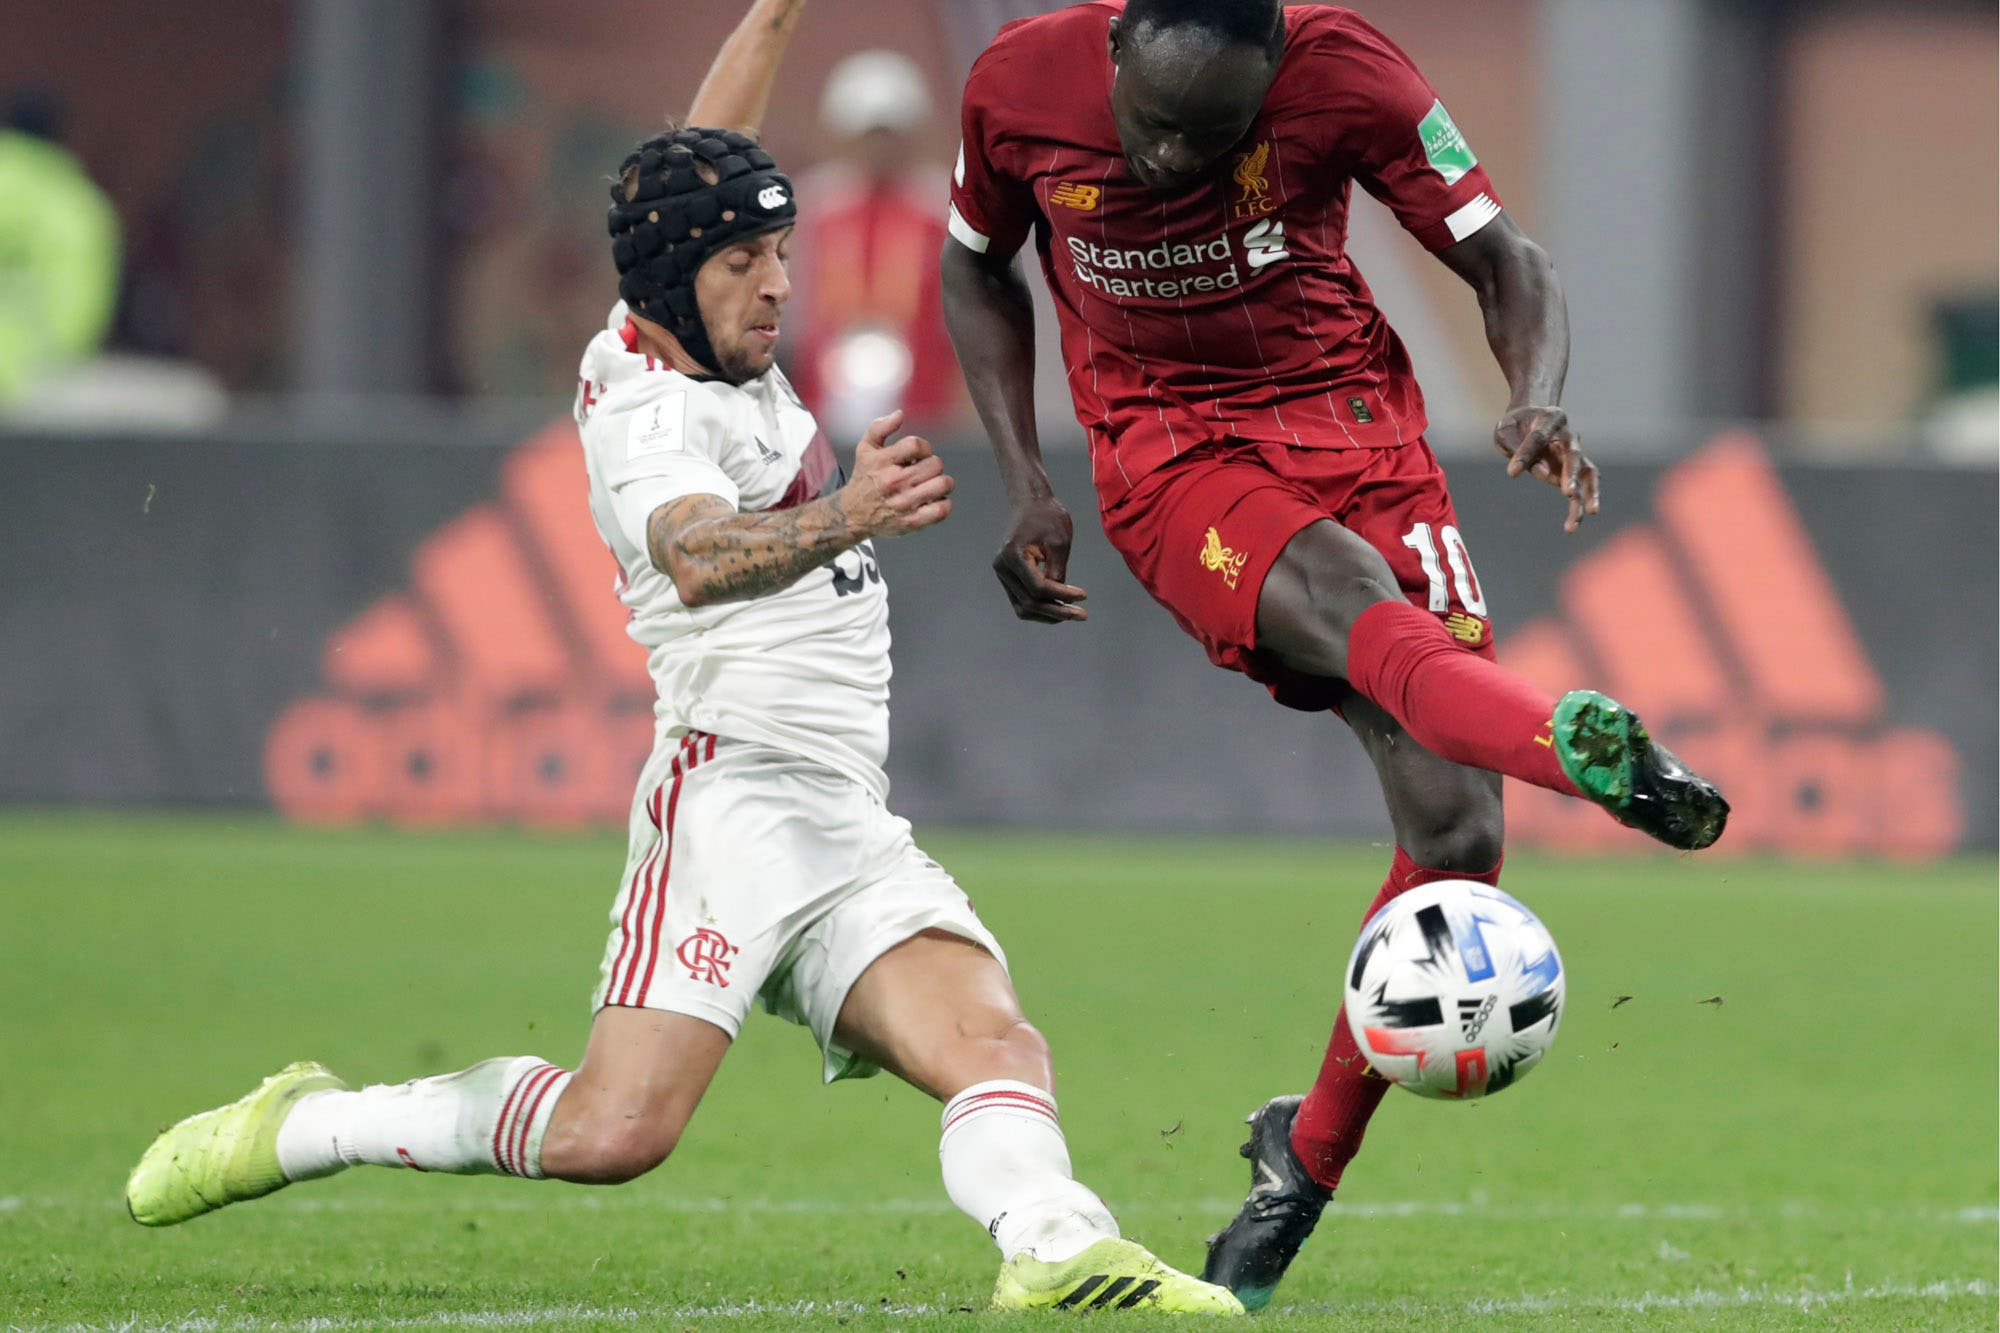 Liverpool-Flamengo: la gran polémica de la final del Mundial de Clubes y el golazo de Firmino